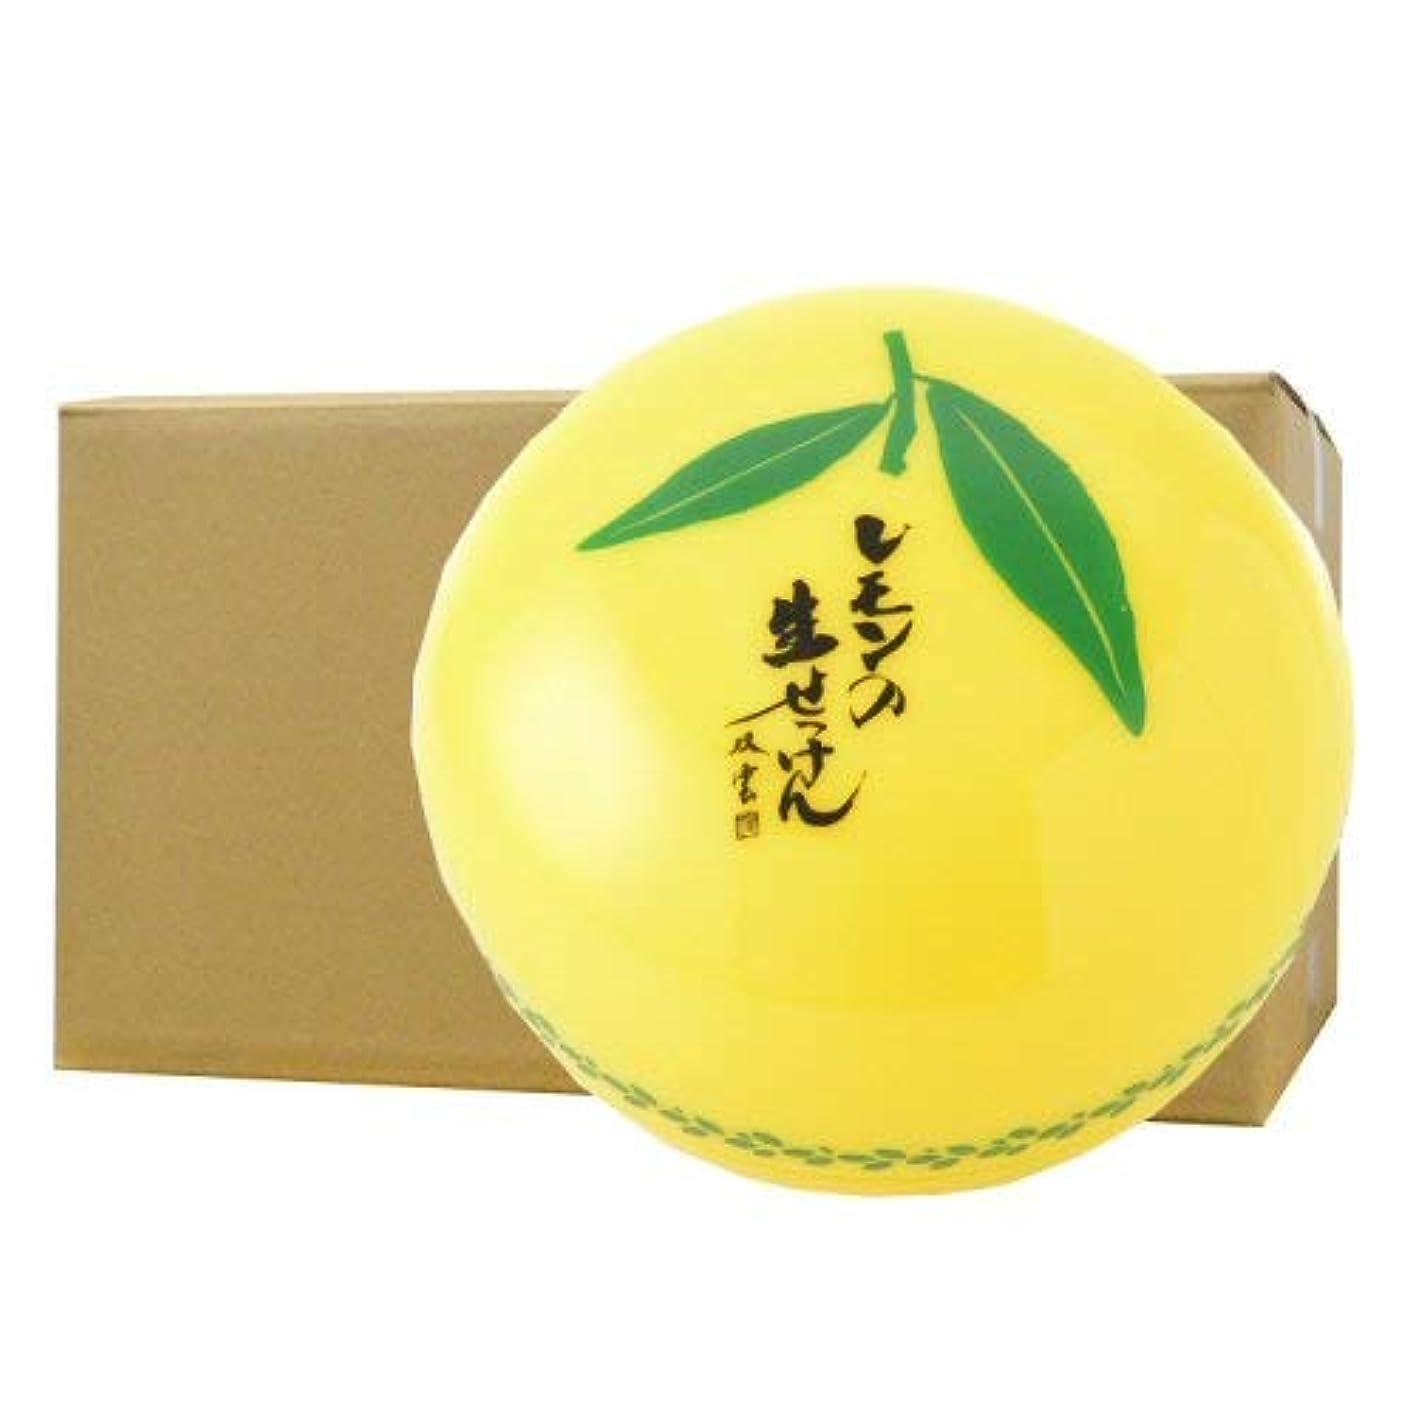 四回州怪しい美香柑 レモンの生せっけん 洗顔石けん 無添加 スパチュラ?泡立てネット付 大容量 120g×24個ケース